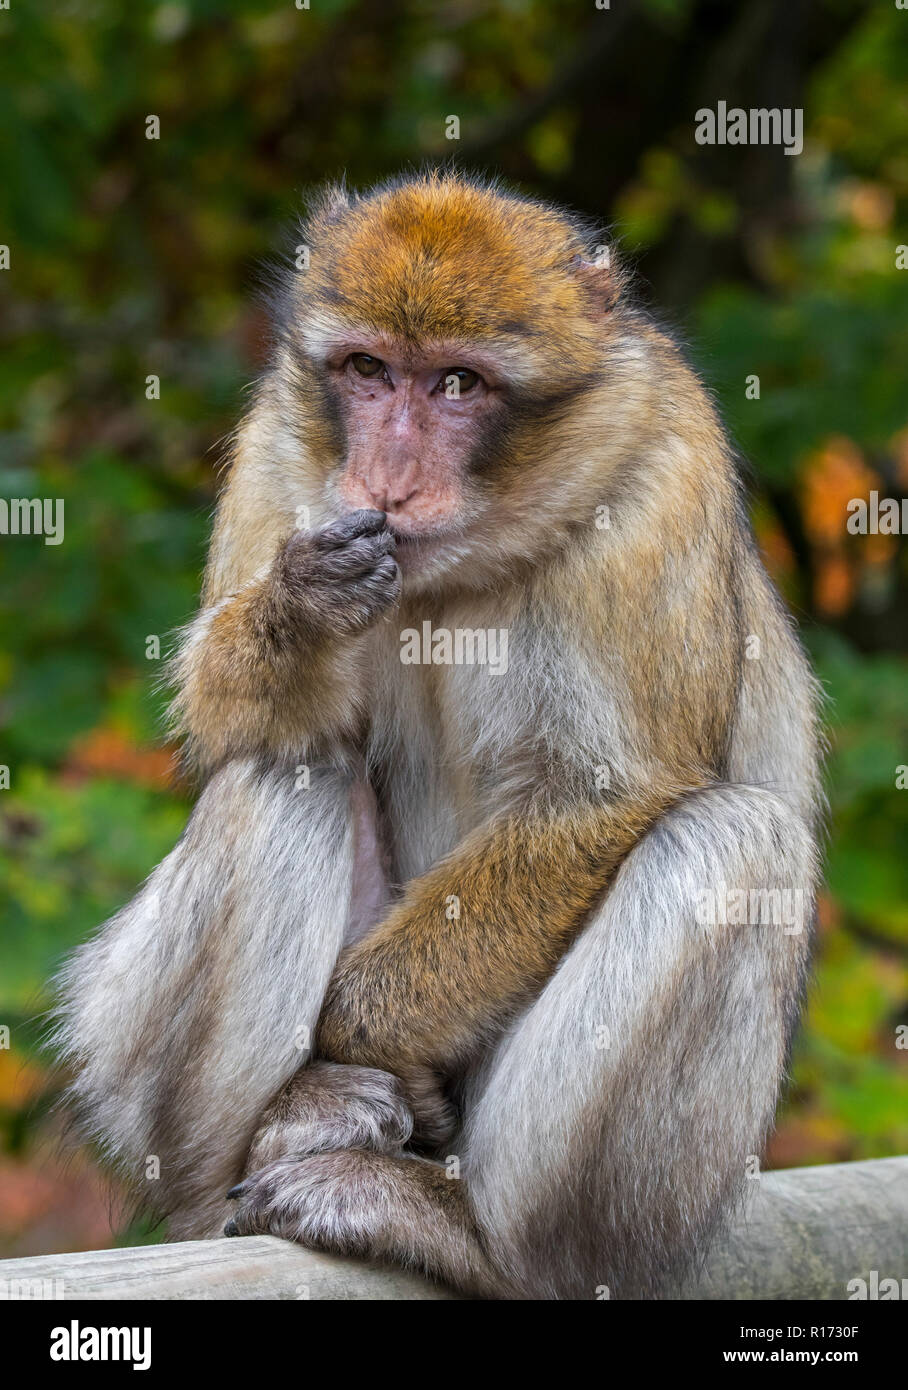 / Macaco de Berbería simios Barbary / magot (Macaca sylvanus) nativas de las montañas del Atlas de Argelia, Marruecos y Gibraltar. Imagen De Stock